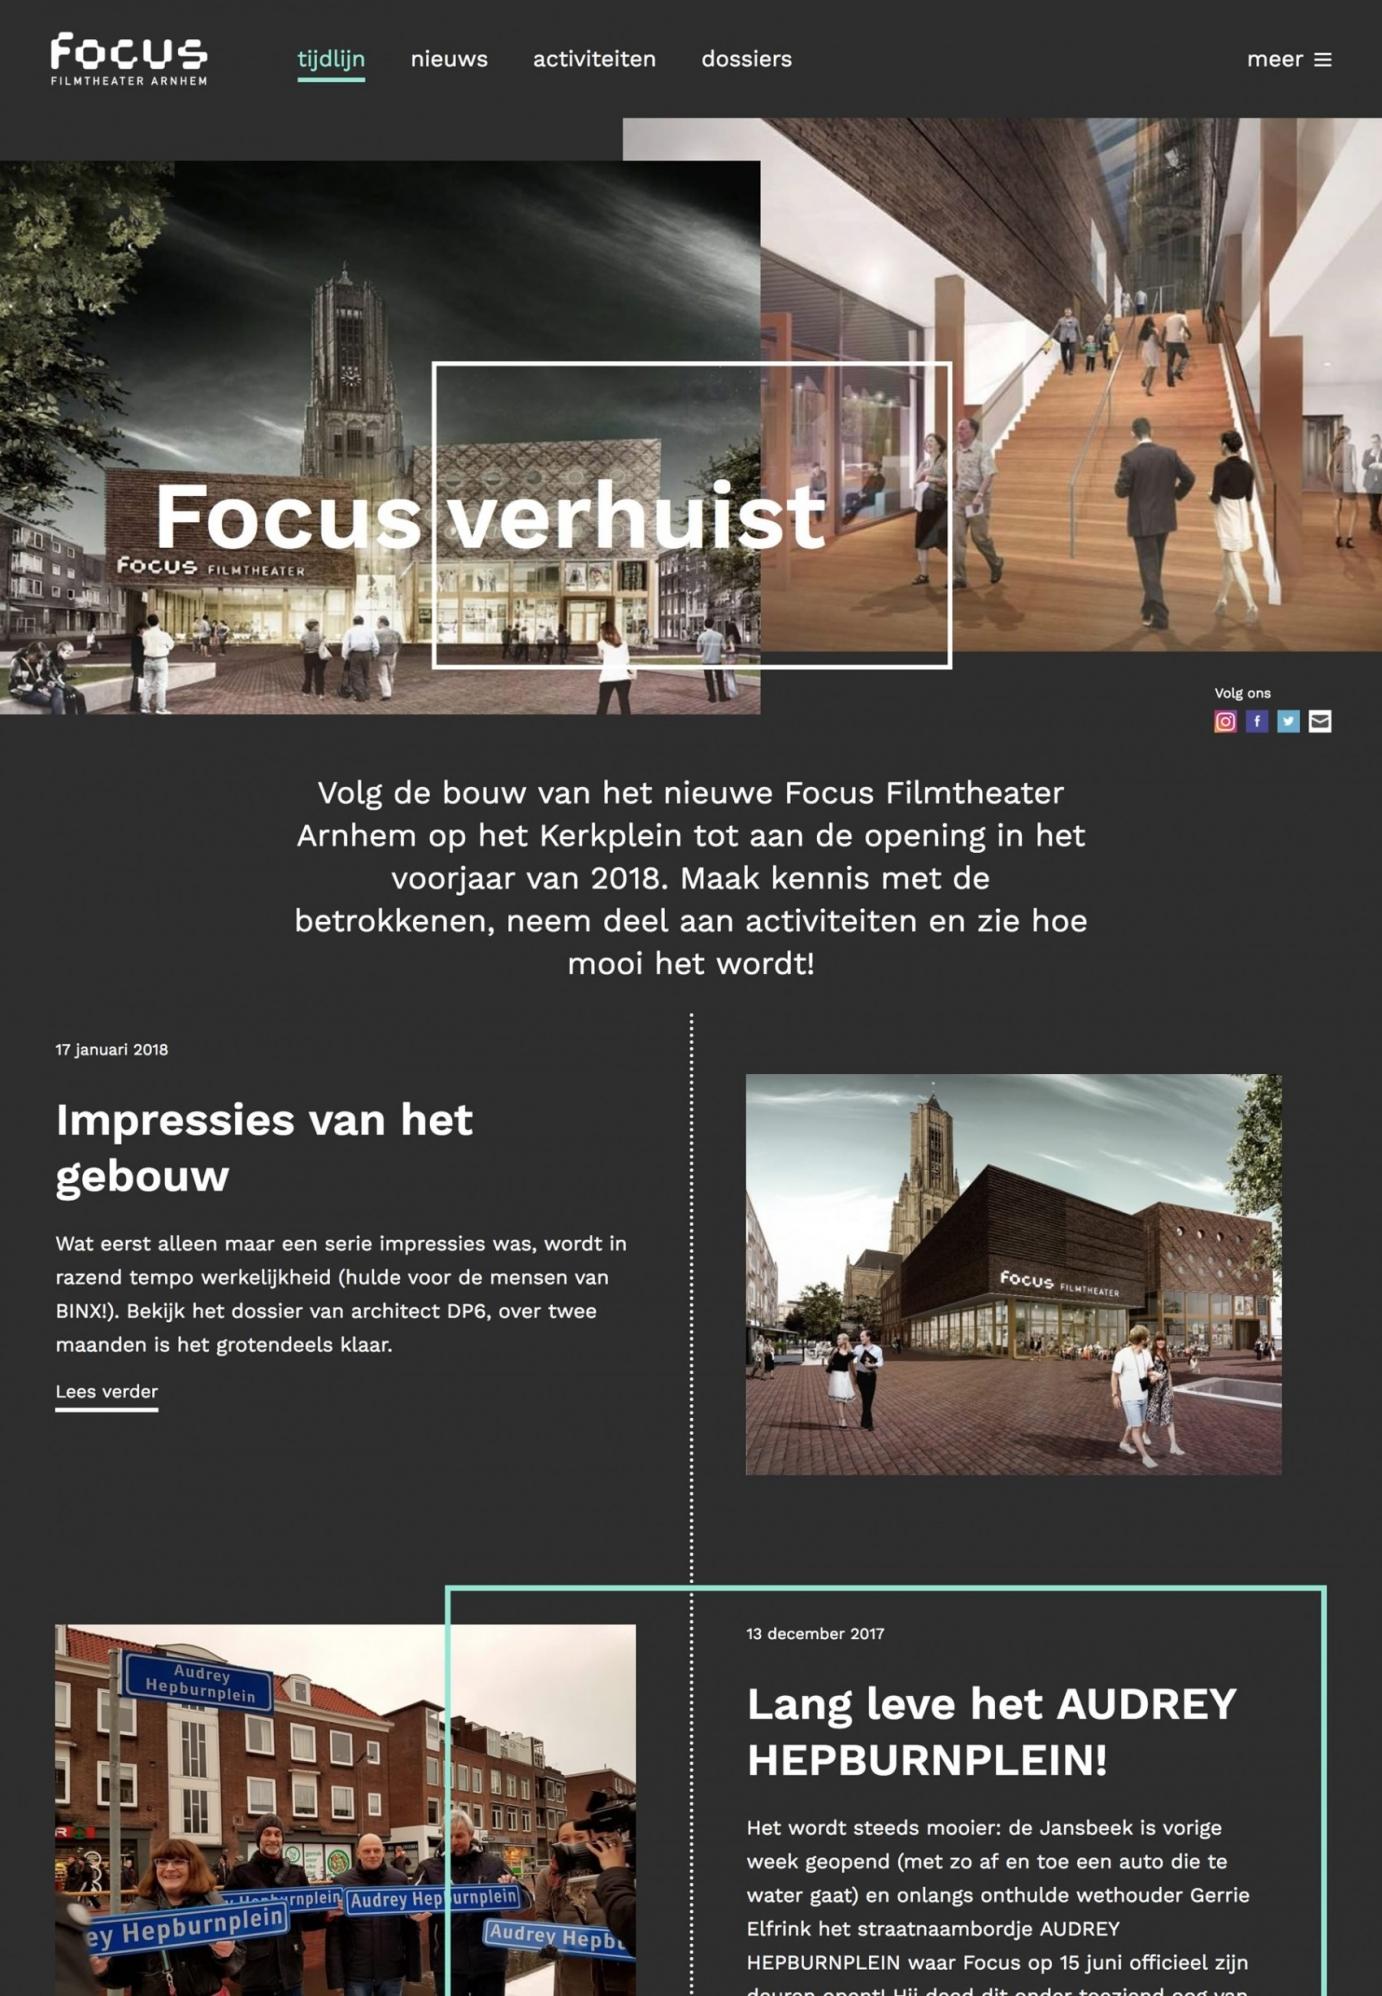 Focus verhuist homepage